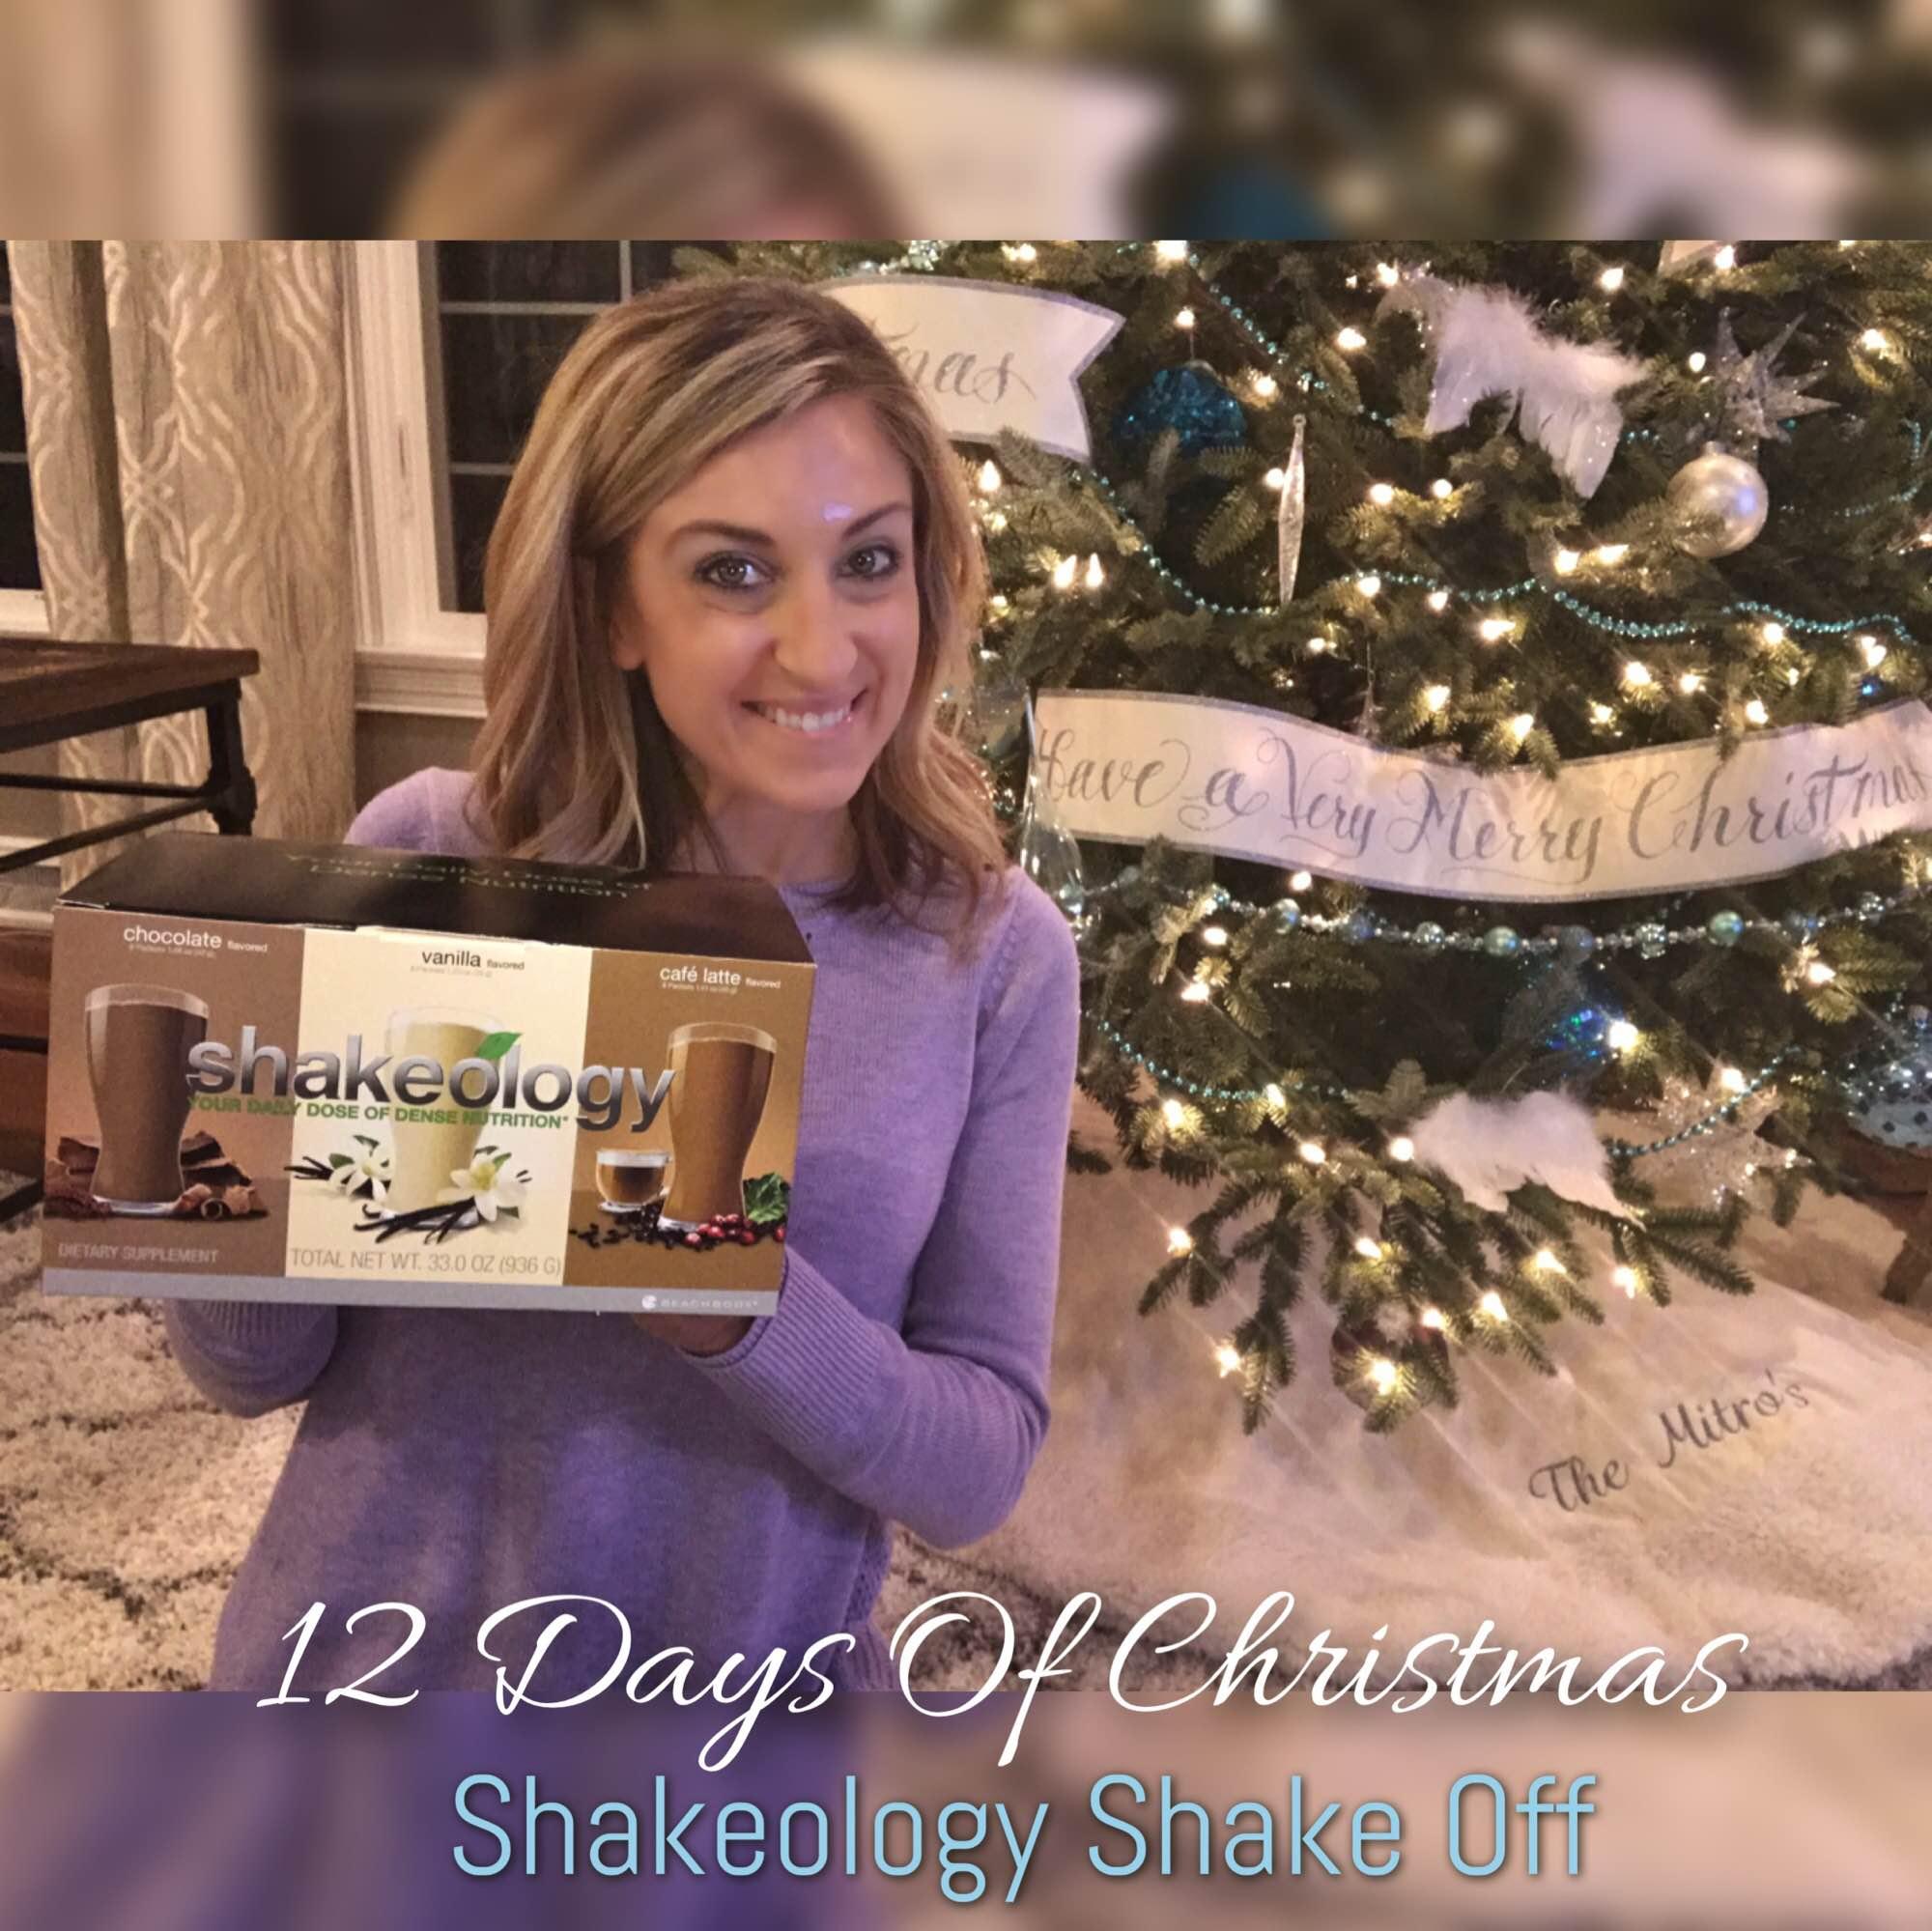 Shakeology Shake Off, 12 Days of Christmas, Support, Accountability Group, Melanie Mitro